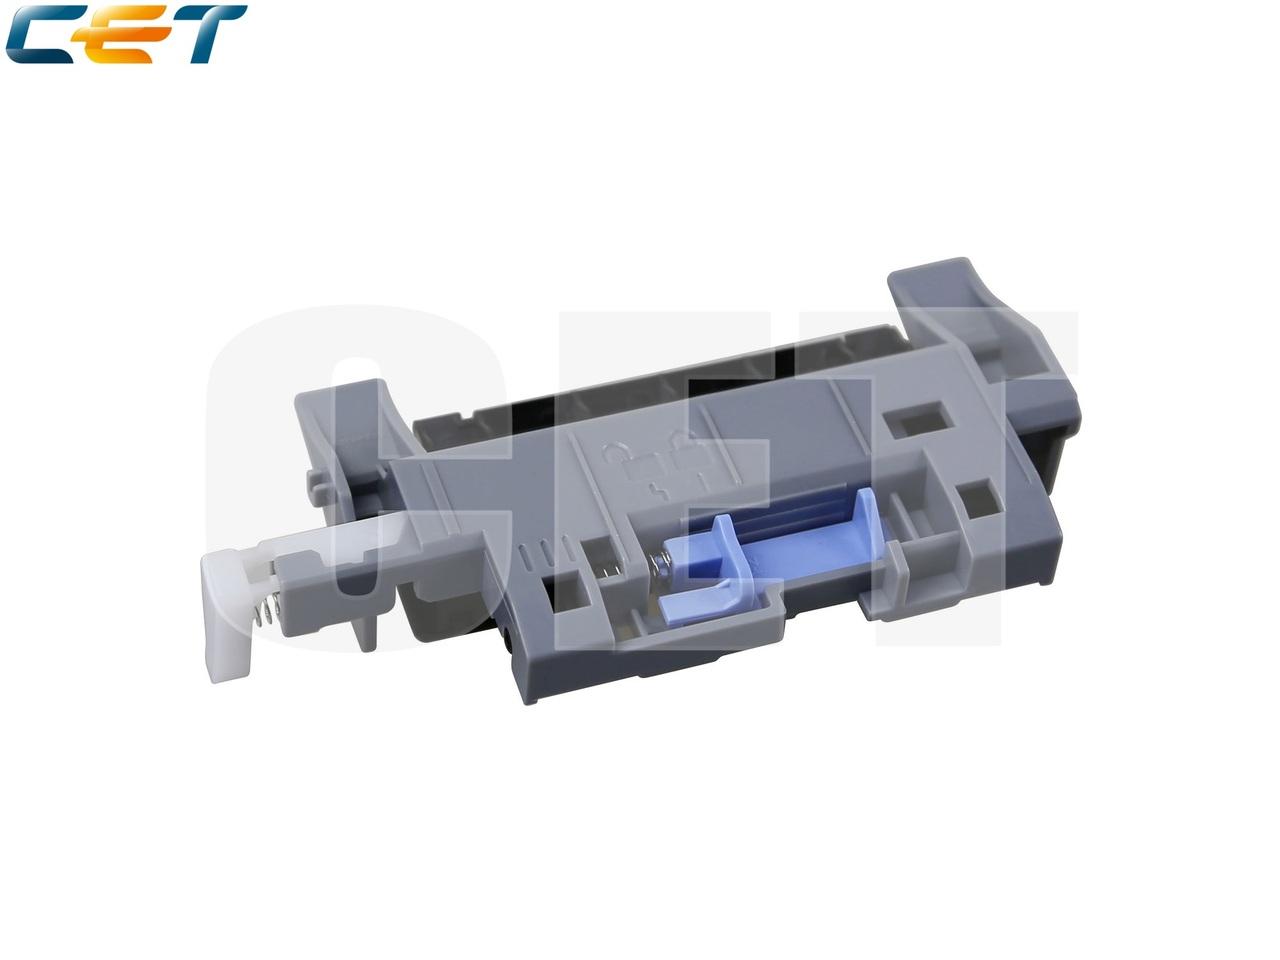 Ролик отделения 2-го лотка в сборе RM1-6010-000,RM1-6176-000, RM1-6010-000, RM1-6010-000 для HP ColorLaserJet Enterprise CP5525, M750/M712/M725 (CET), CET2622